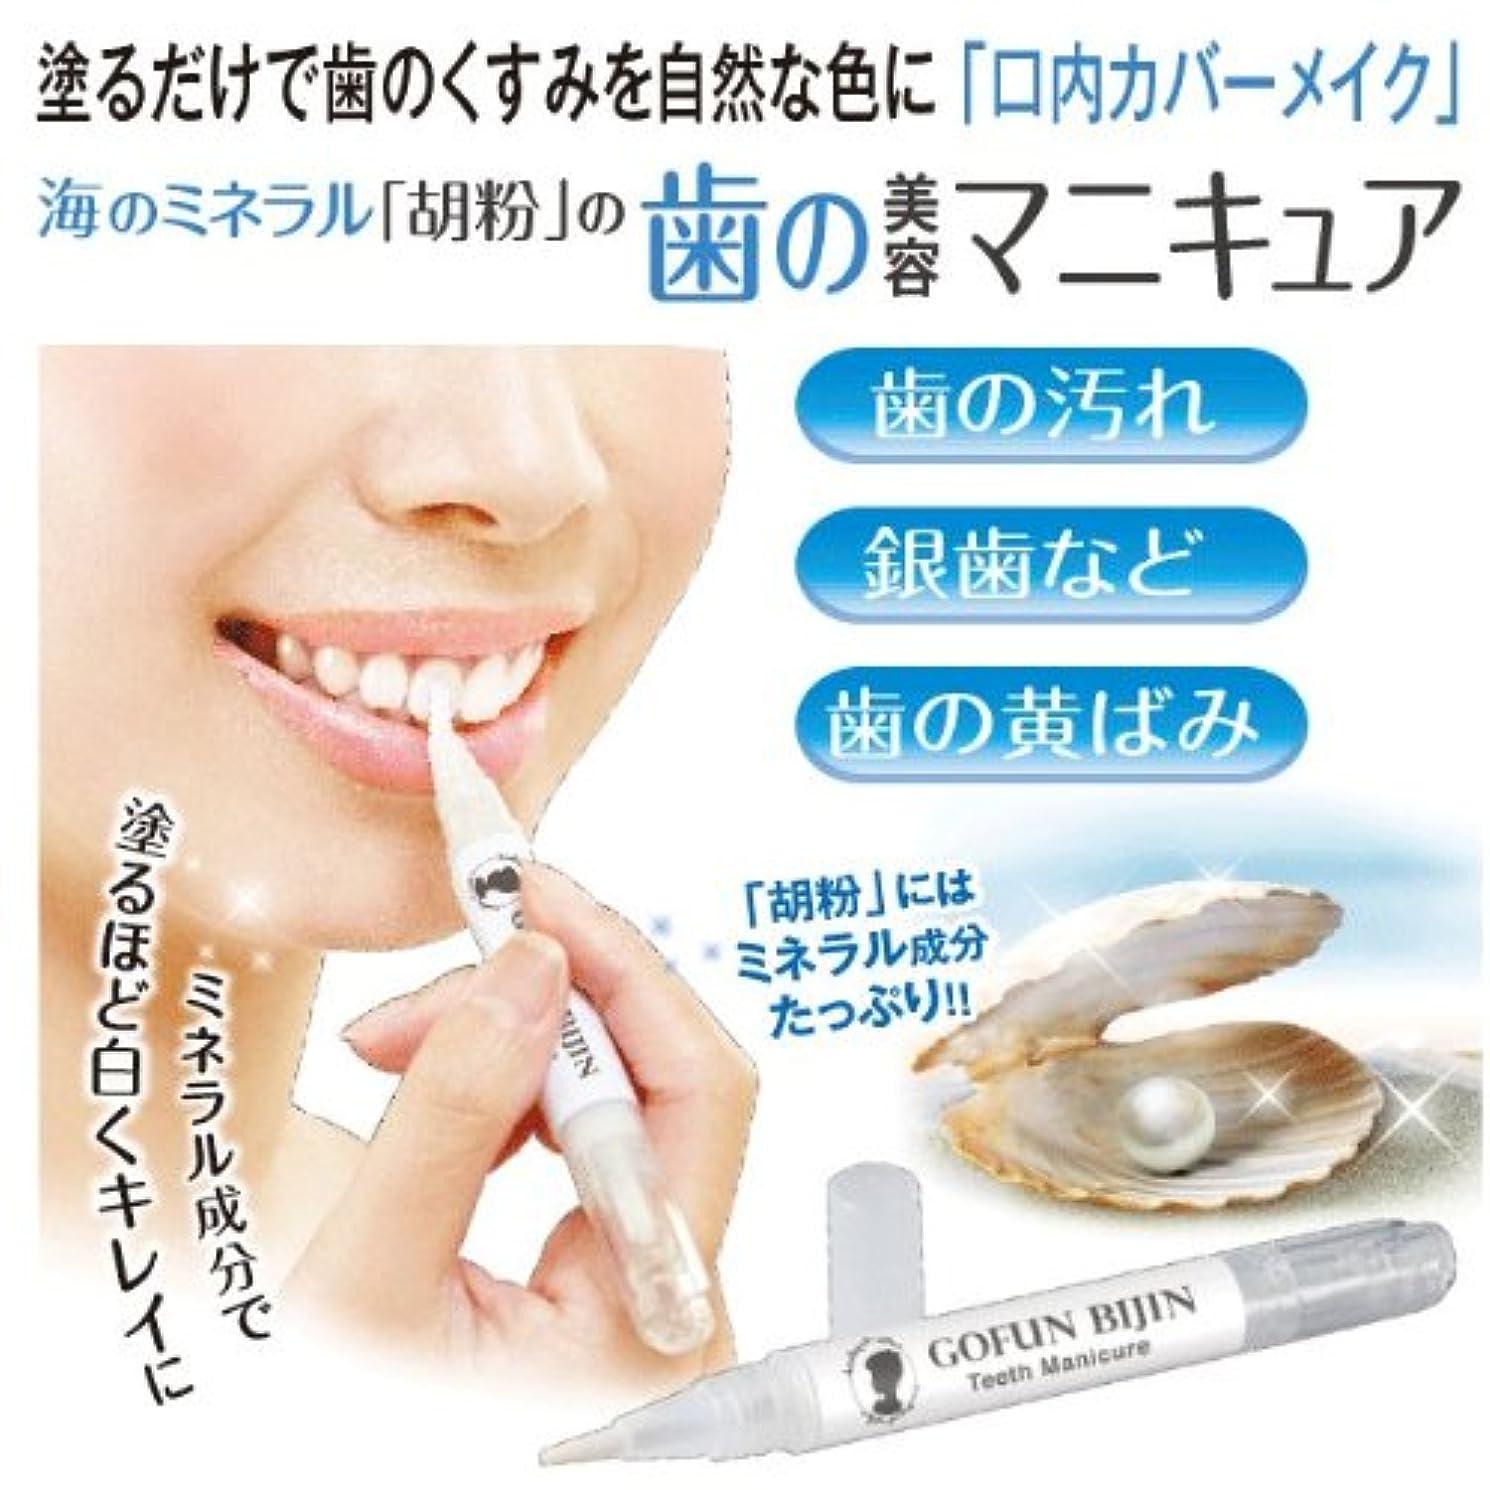 マーガレットミッチェル艶単独で胡粉美人 歯マニキュア 歯にミネラルを補給してキレイに